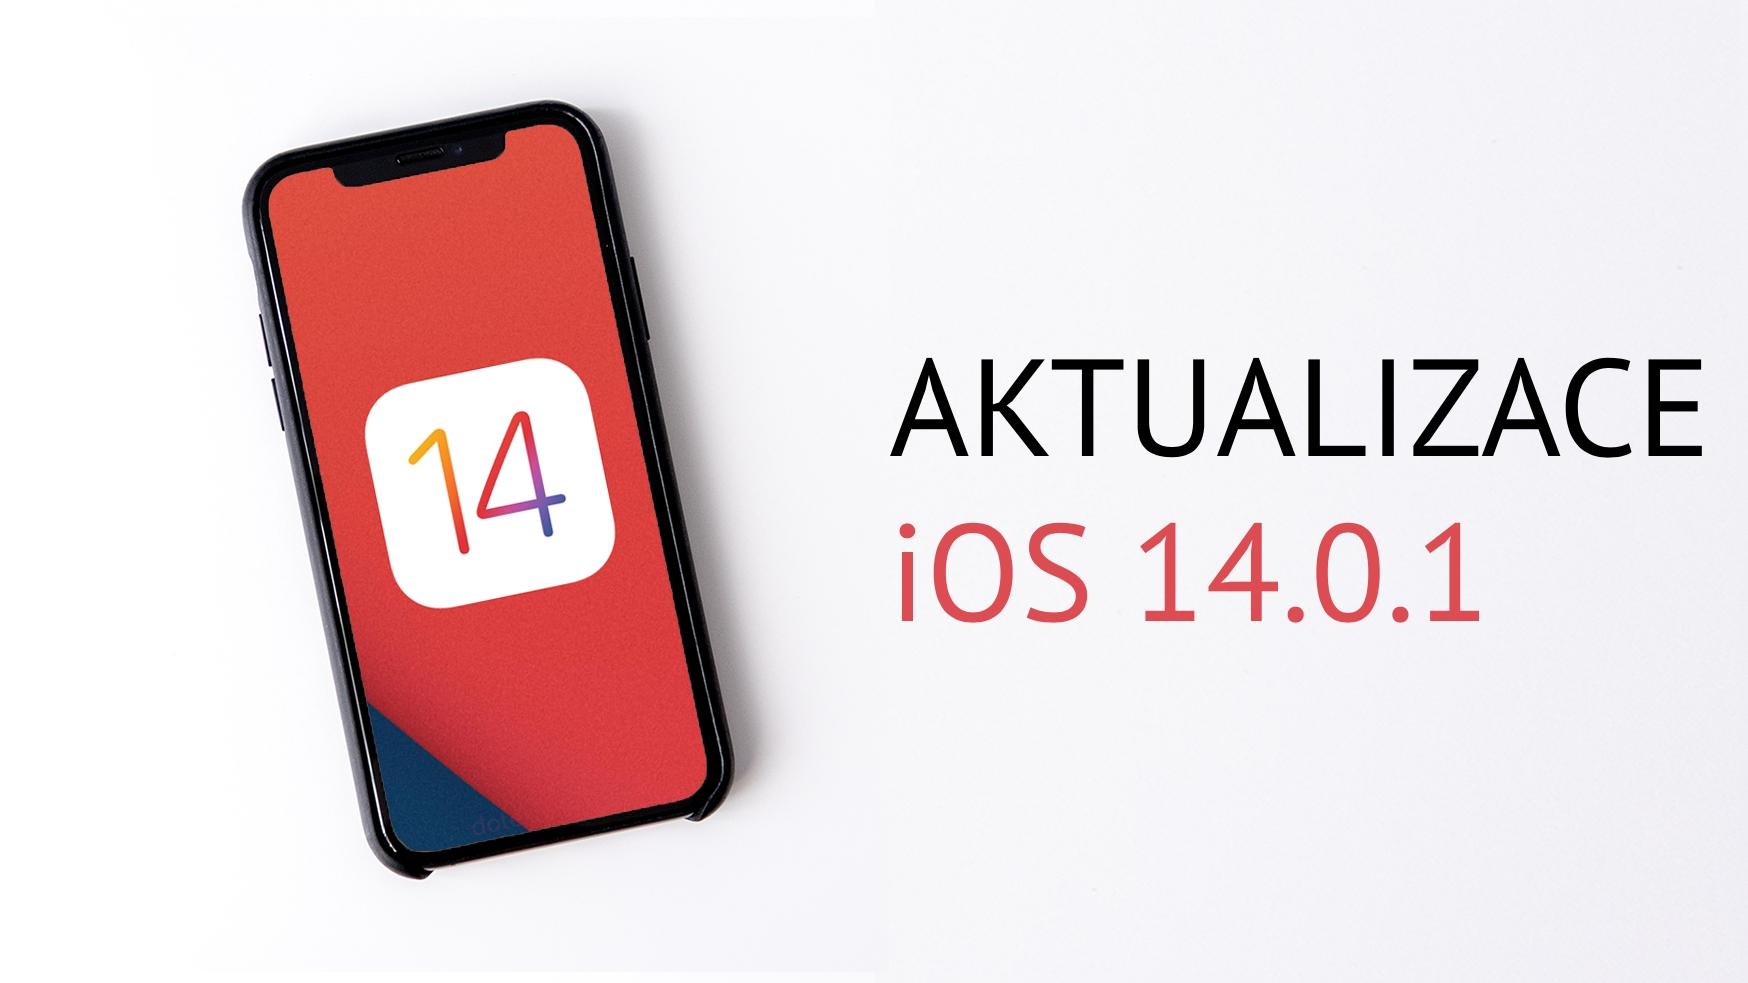 Vychází iOS 14.0.1, opravuje otravné chyby